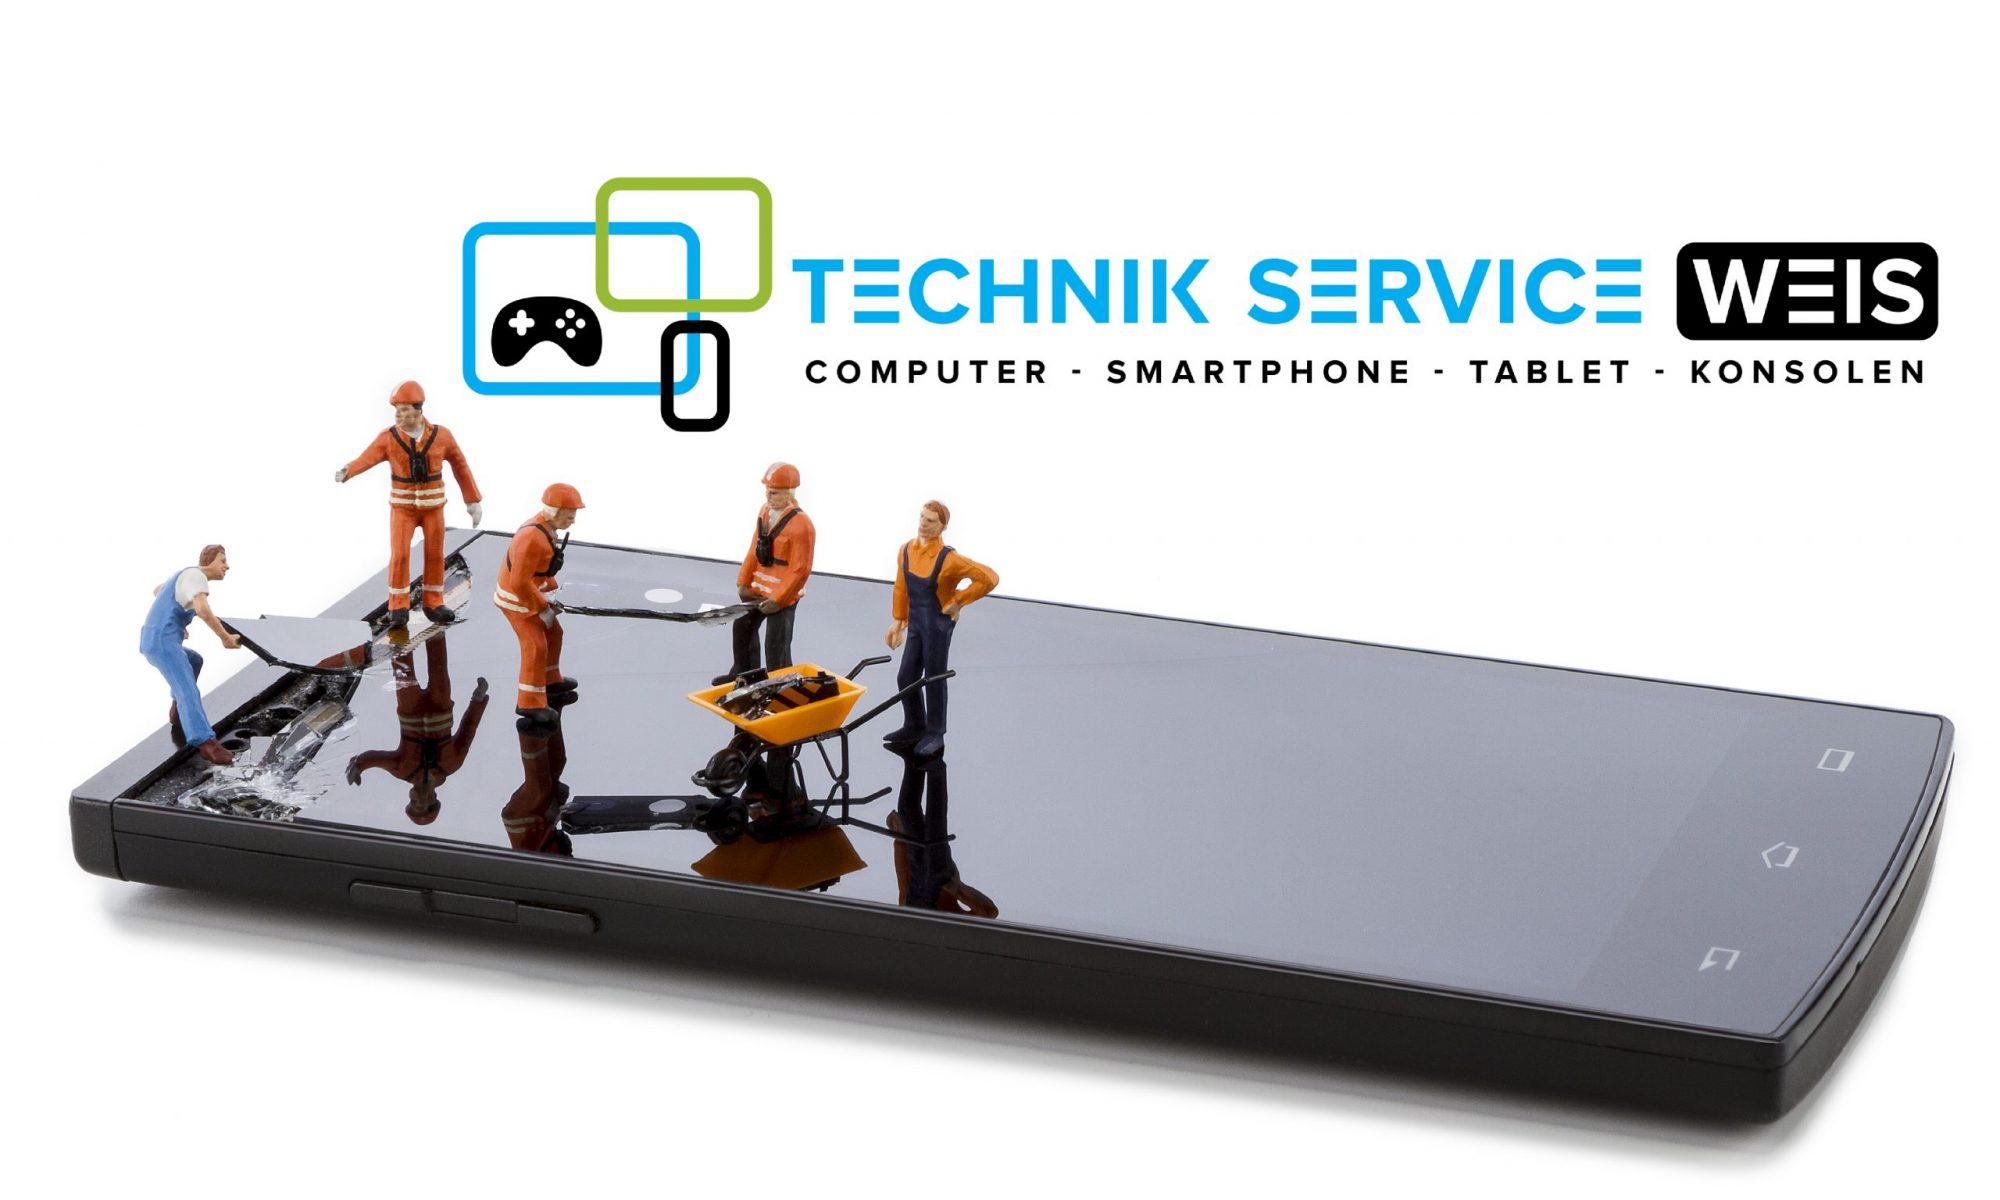 Technik Service Weis